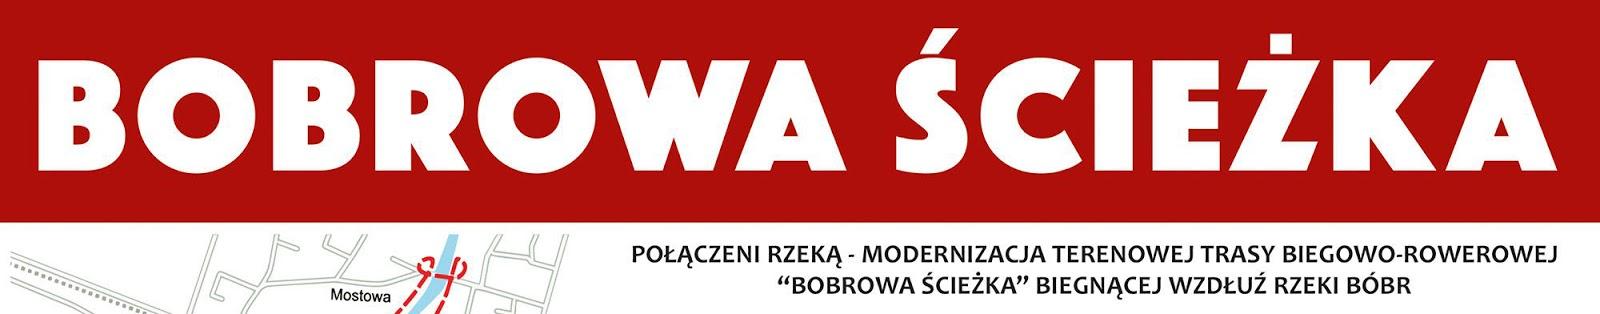 http://mosirboleslawiec.blogspot.com/2017/04/bobrowa-sciezka-biegowa-modernizacja.html